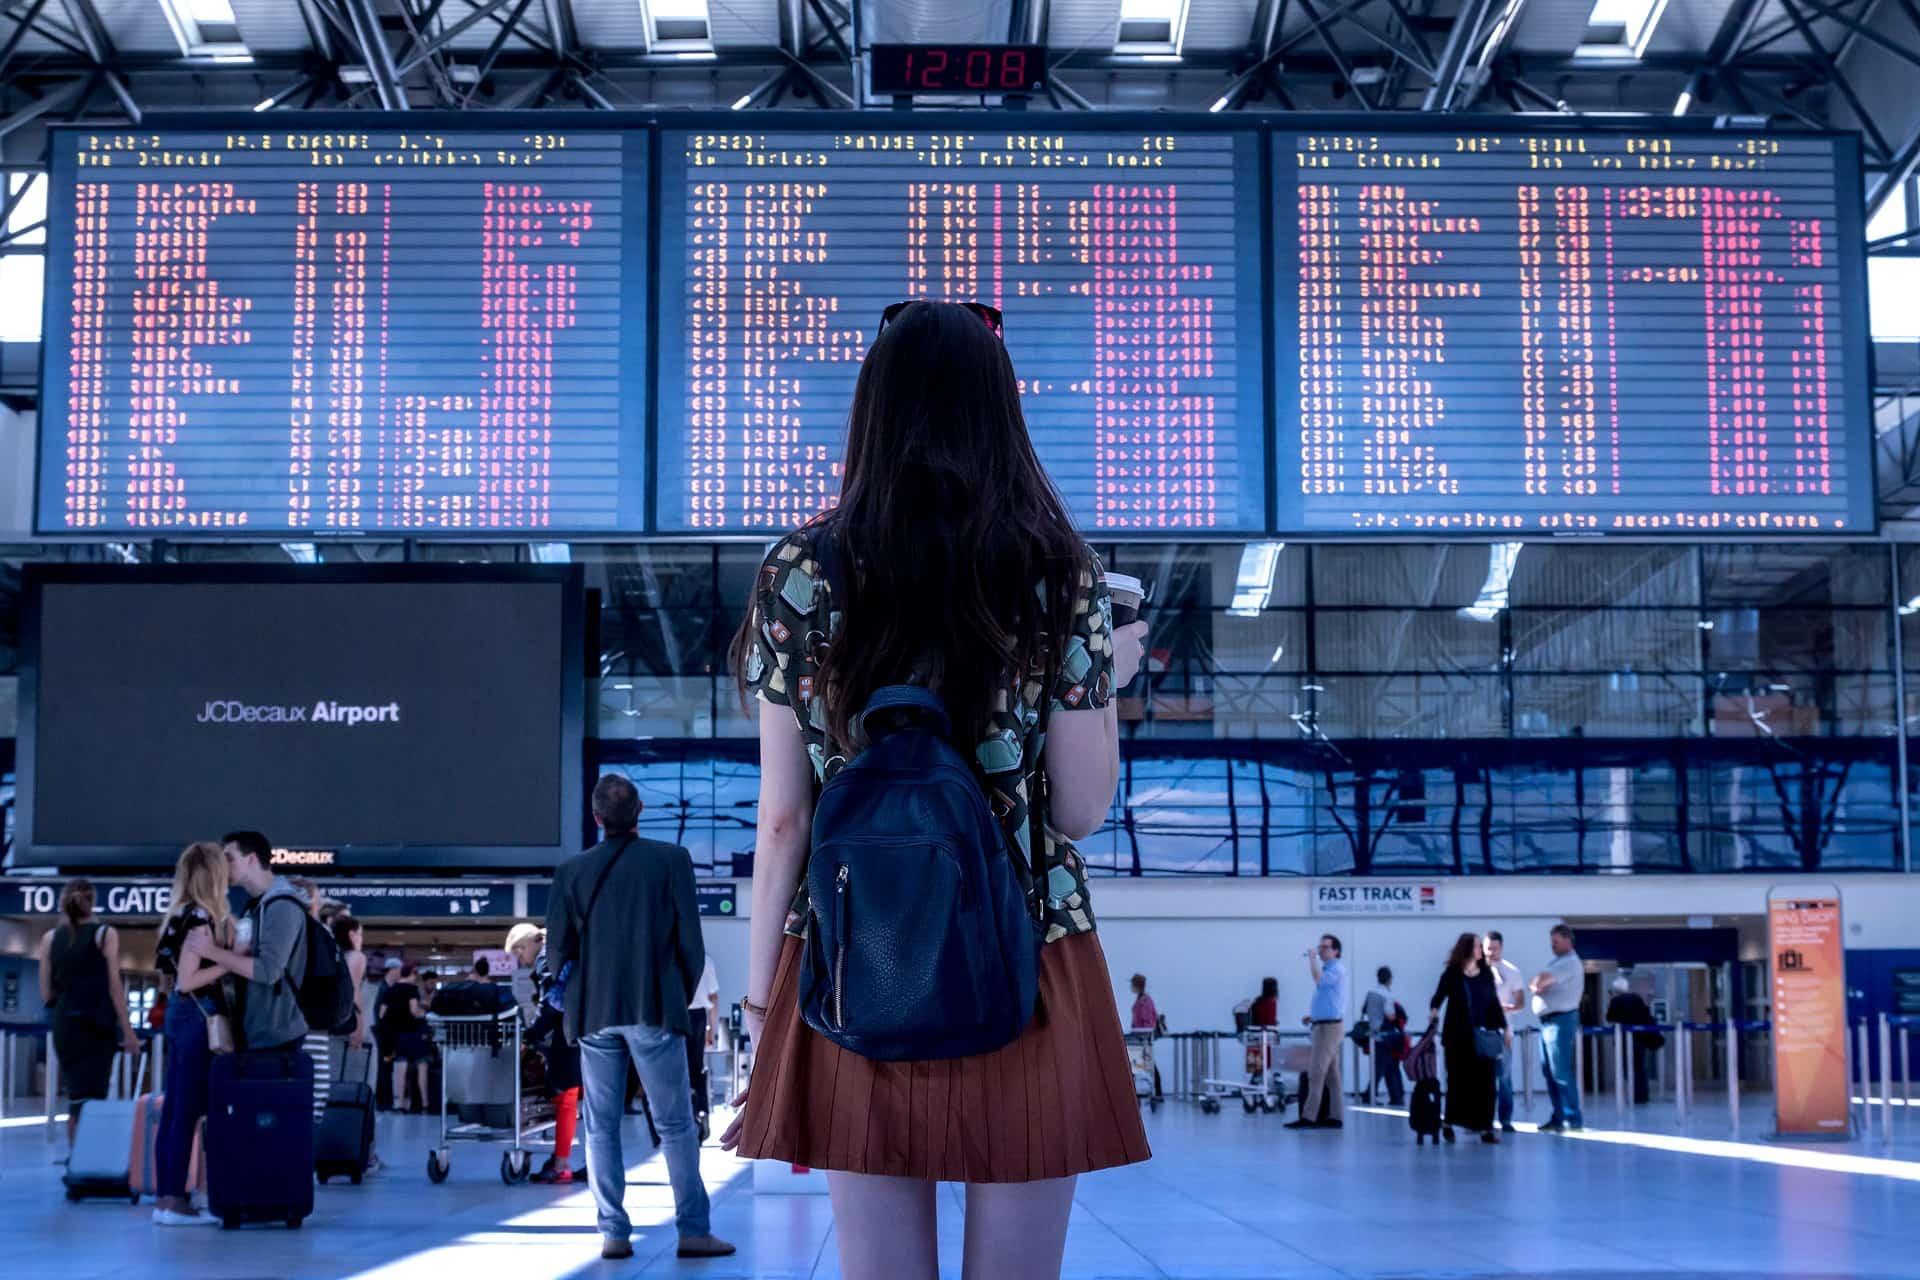 空港で搭乗盤を見ている女性